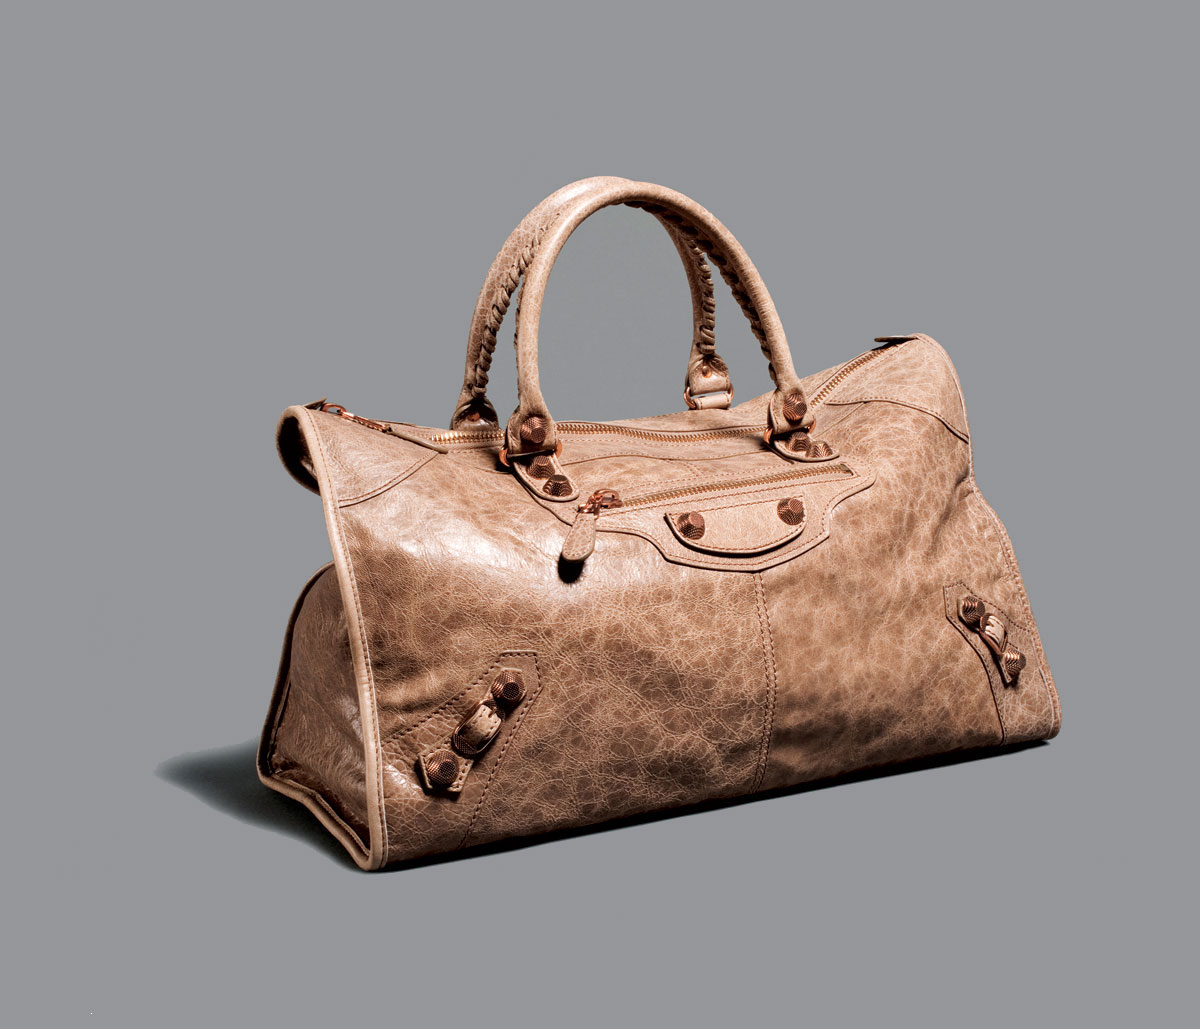 m08-accessoires-sac-a-main-balenciaga-holt-renfrew